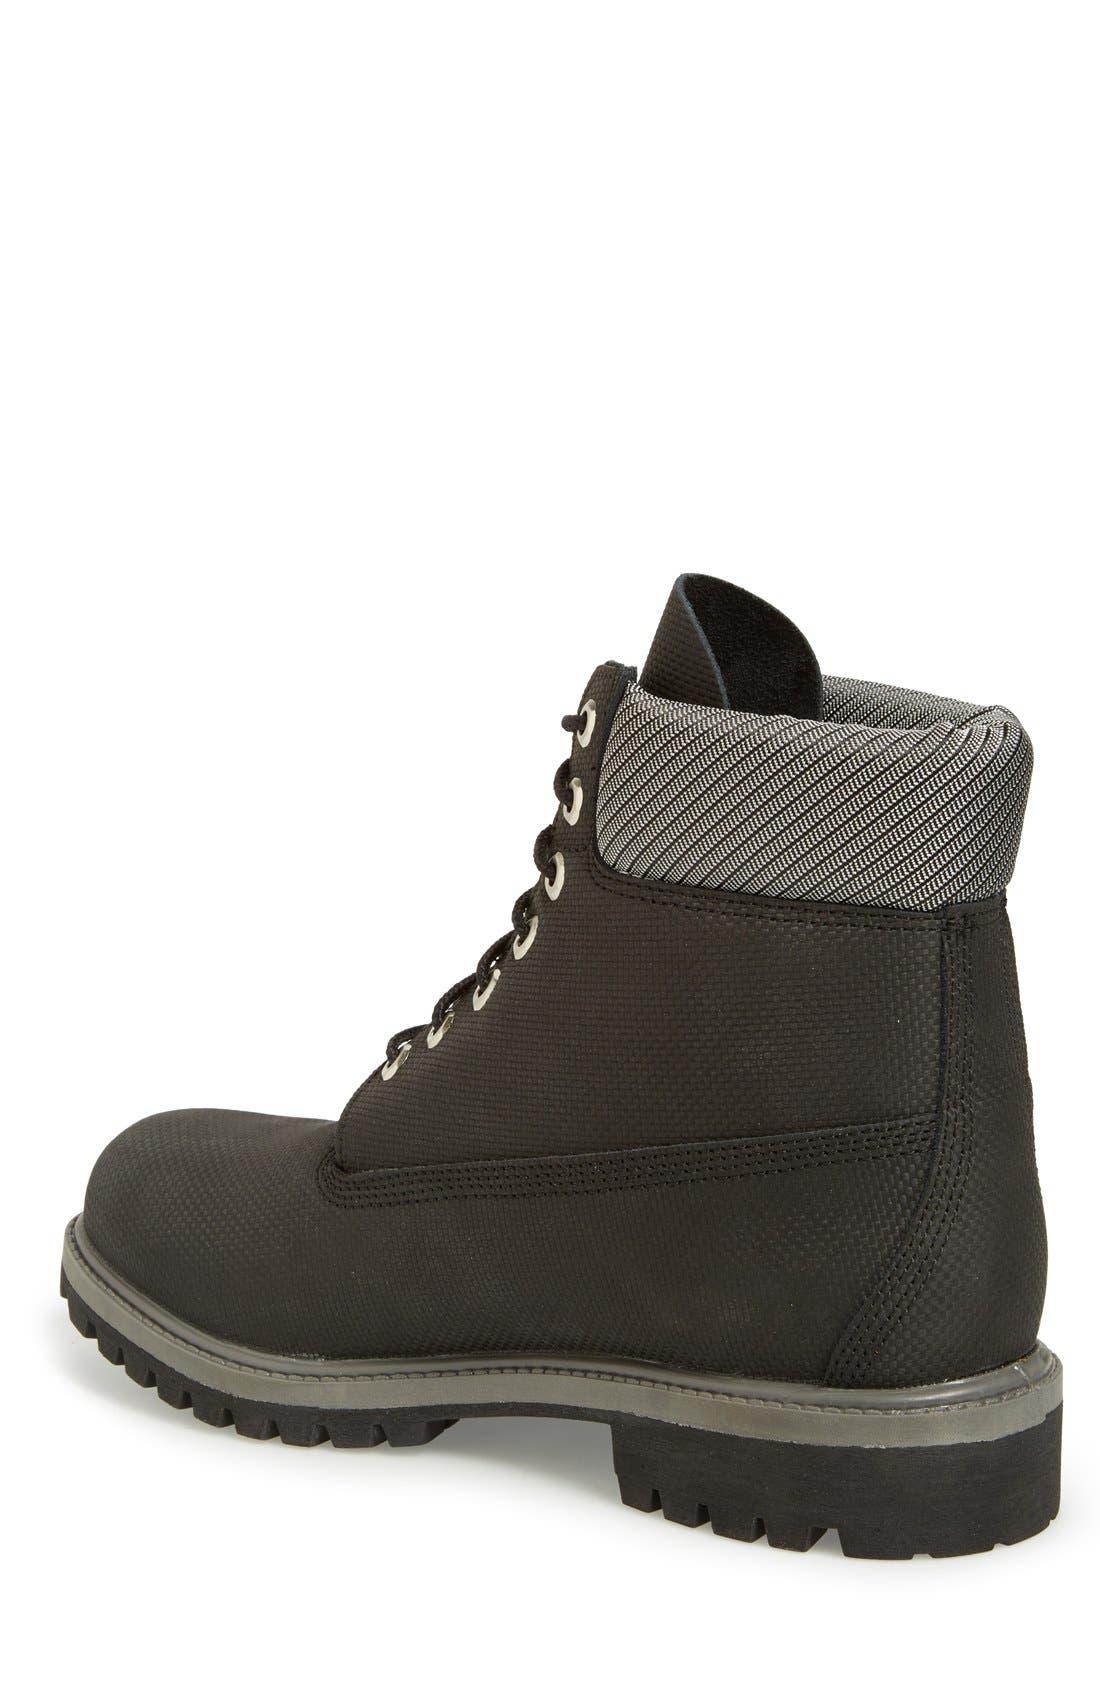 Alternate Image 2  - Timberland 'Premium' Waterproof Plain Toe Boot (Men)